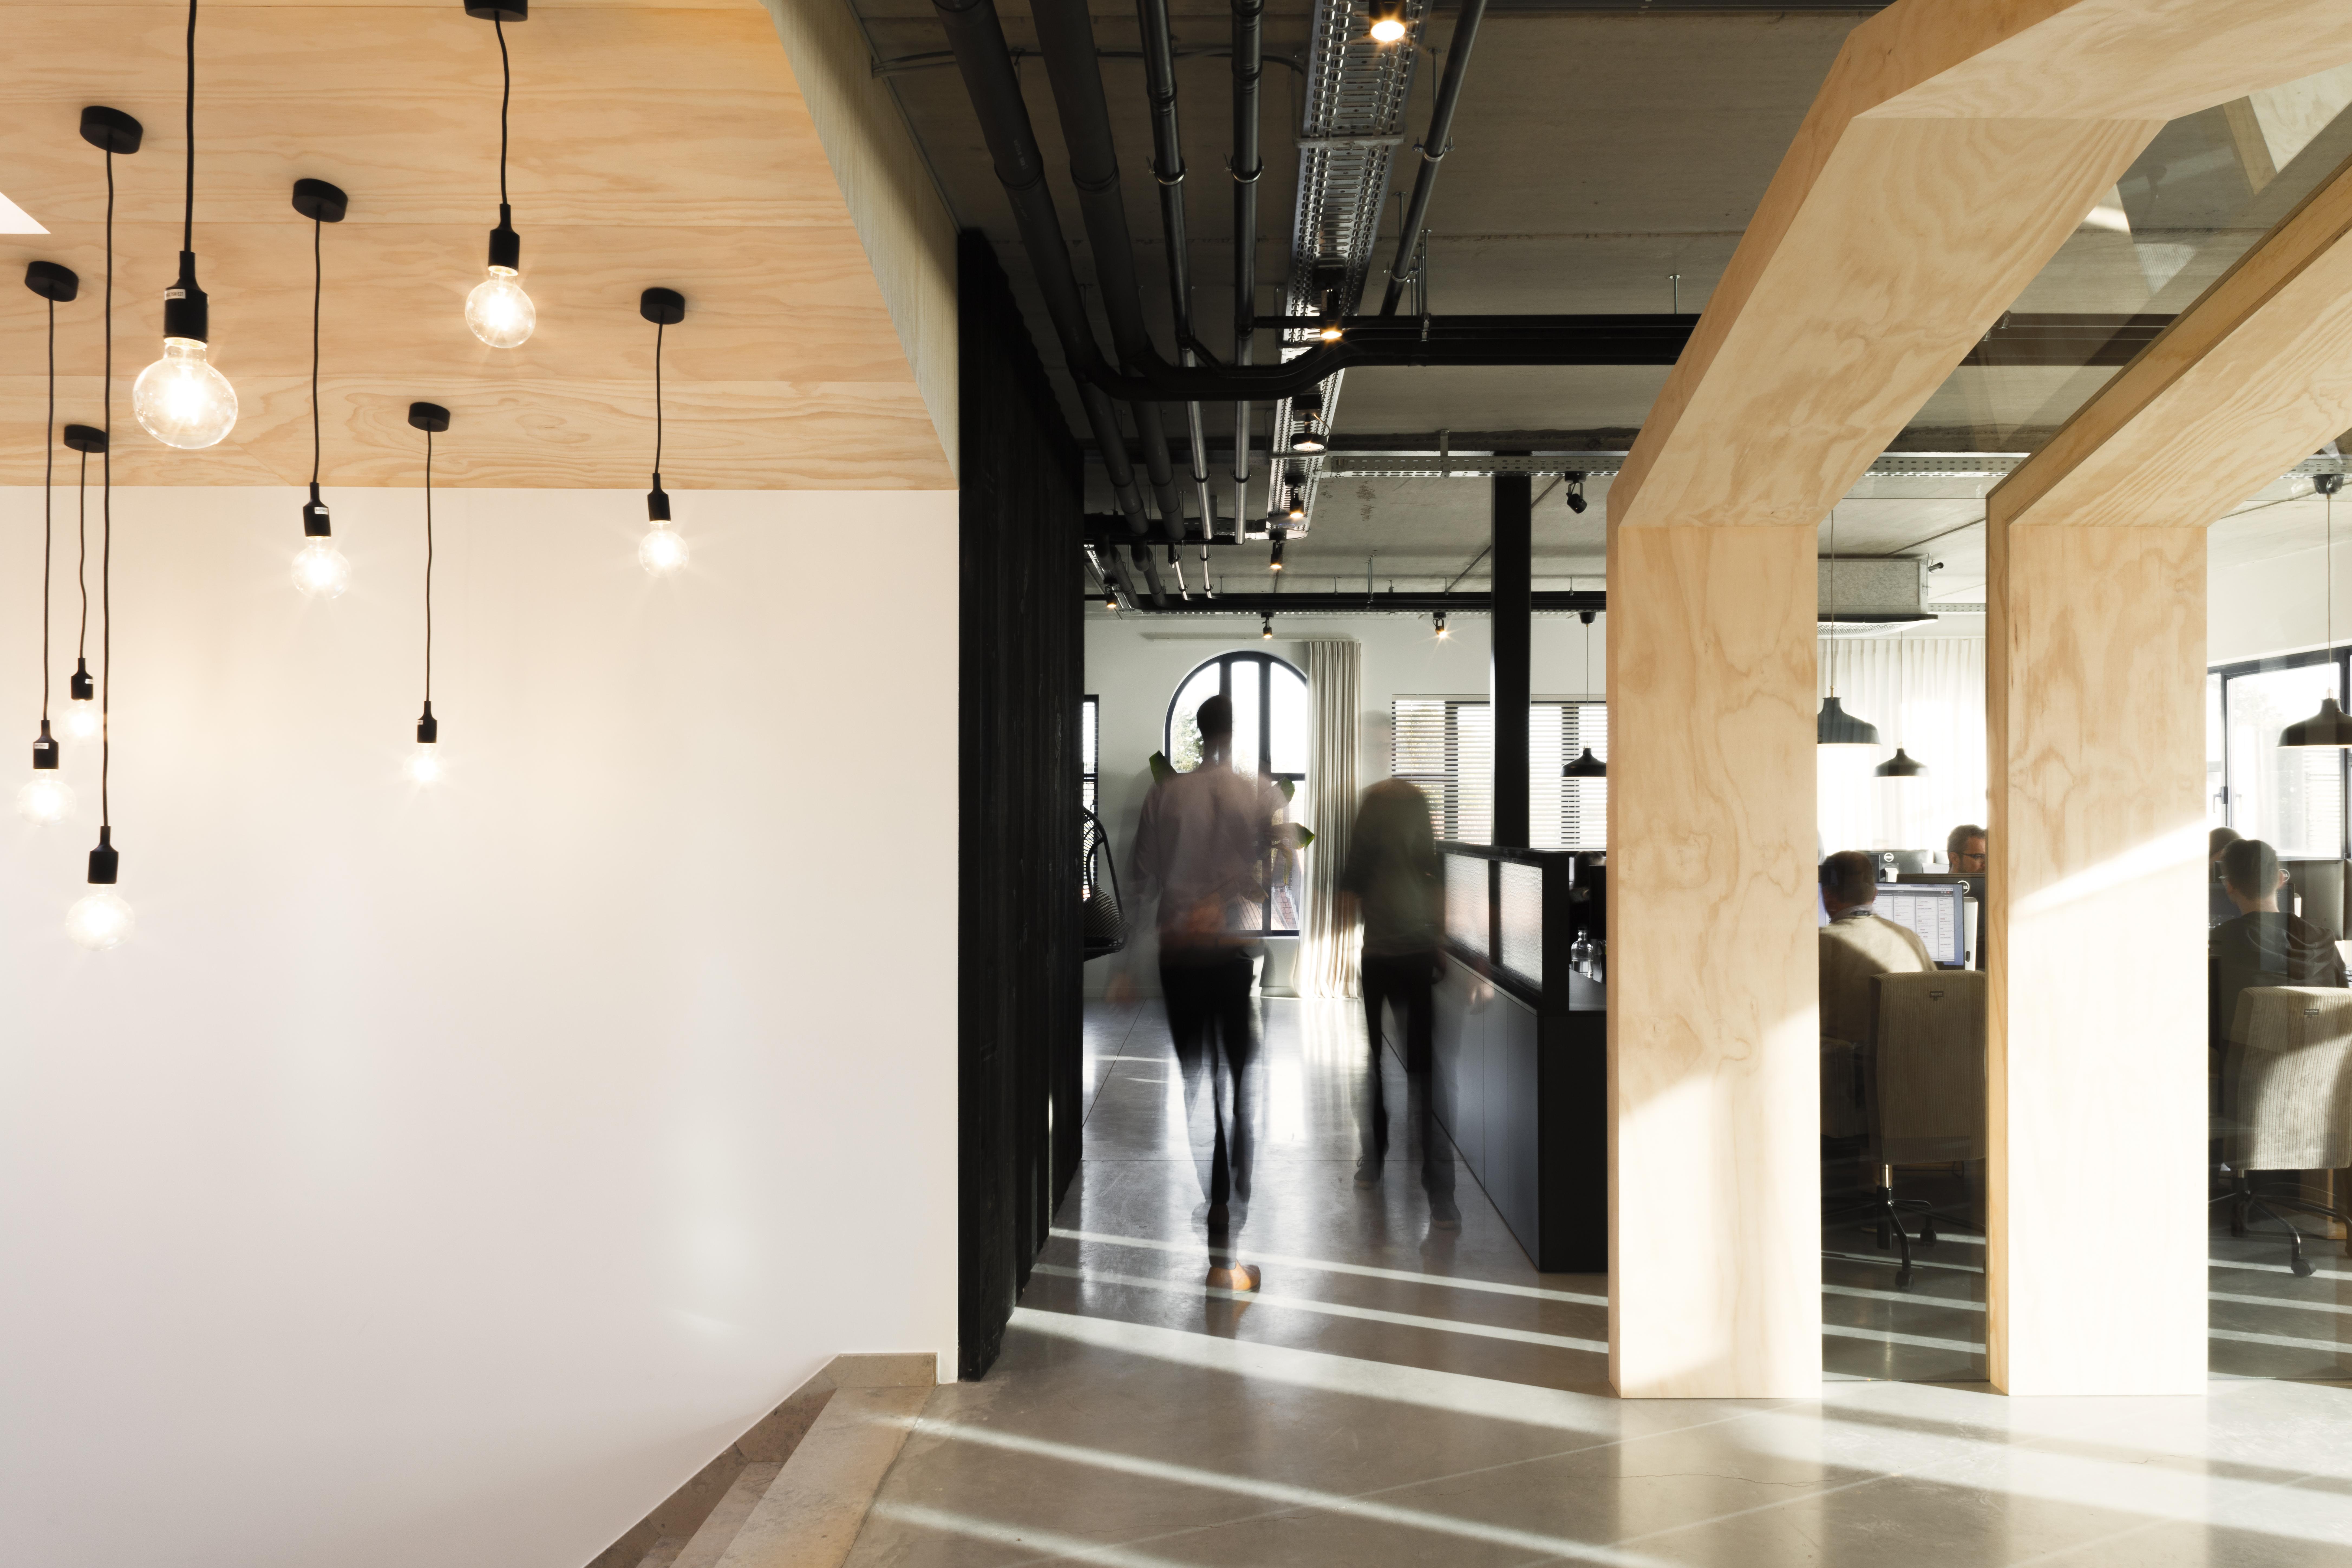 Kantoor Van Kapero : Kantoor van kapero afbeeldingsresultaat voor treinbank kantoor